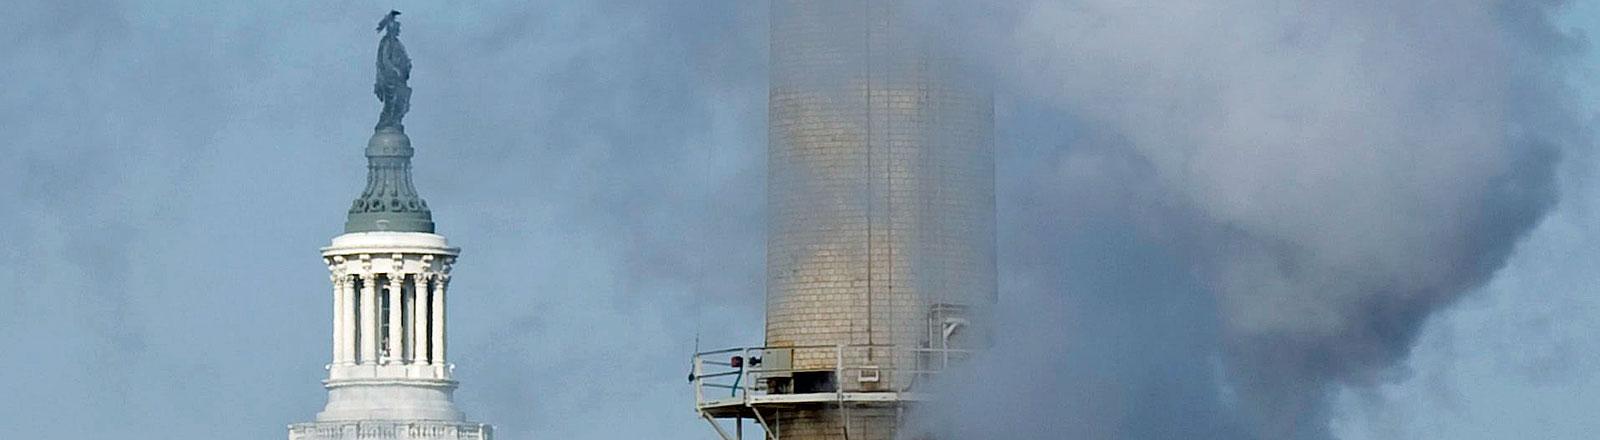 Der Rauch eines Kohlekraftwerkes kommt vor der Kulisse des Capitol in Washington (USA) aus einem Schornstein.